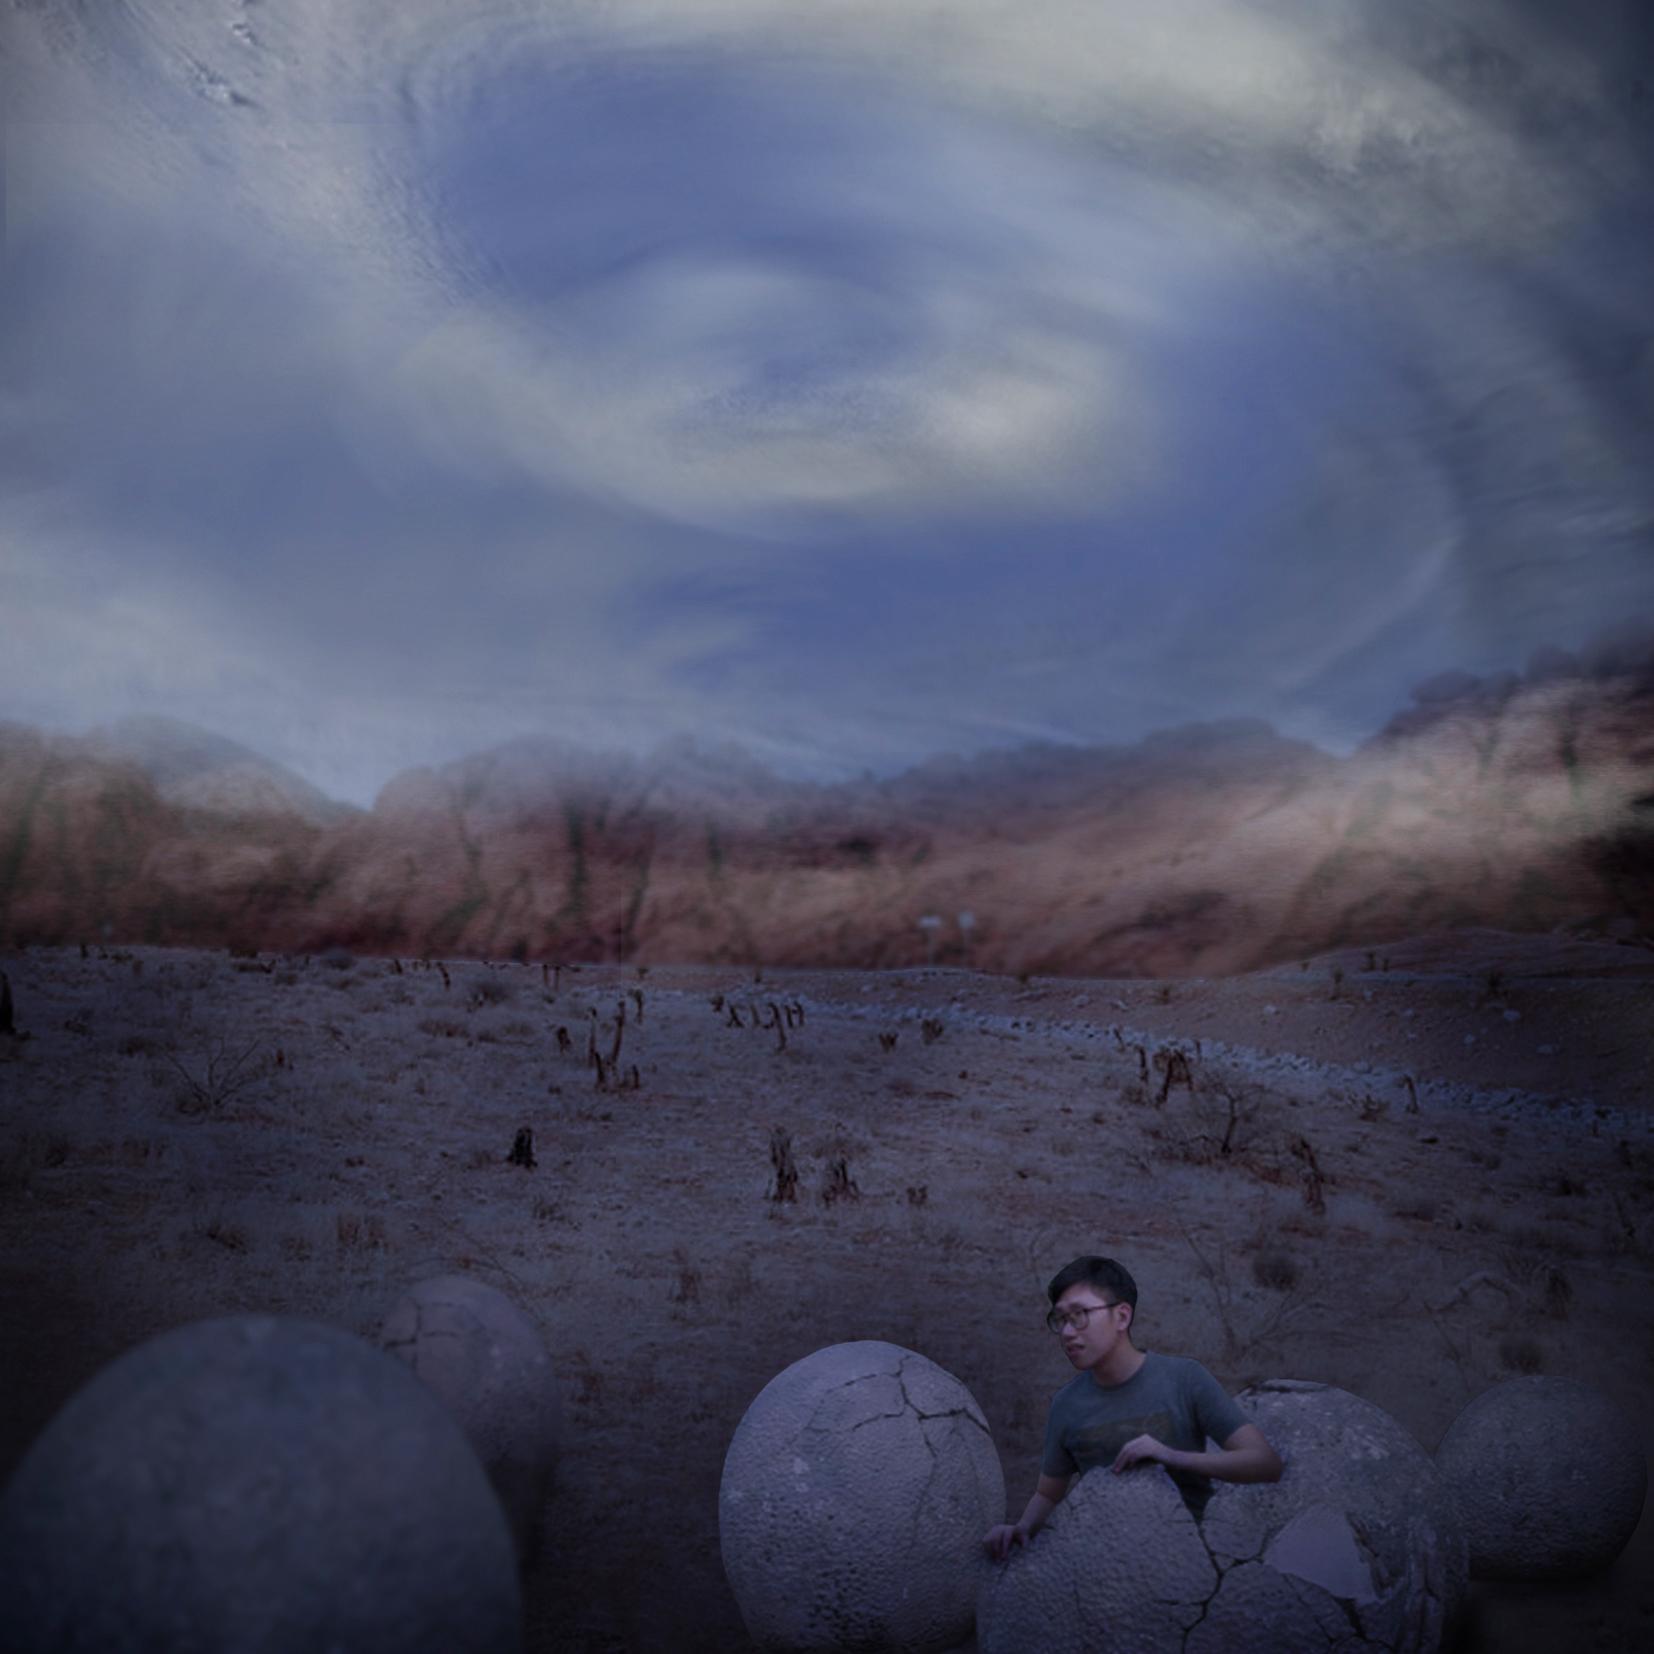 Hatch of Dawn Digital Art by Alvin Sim